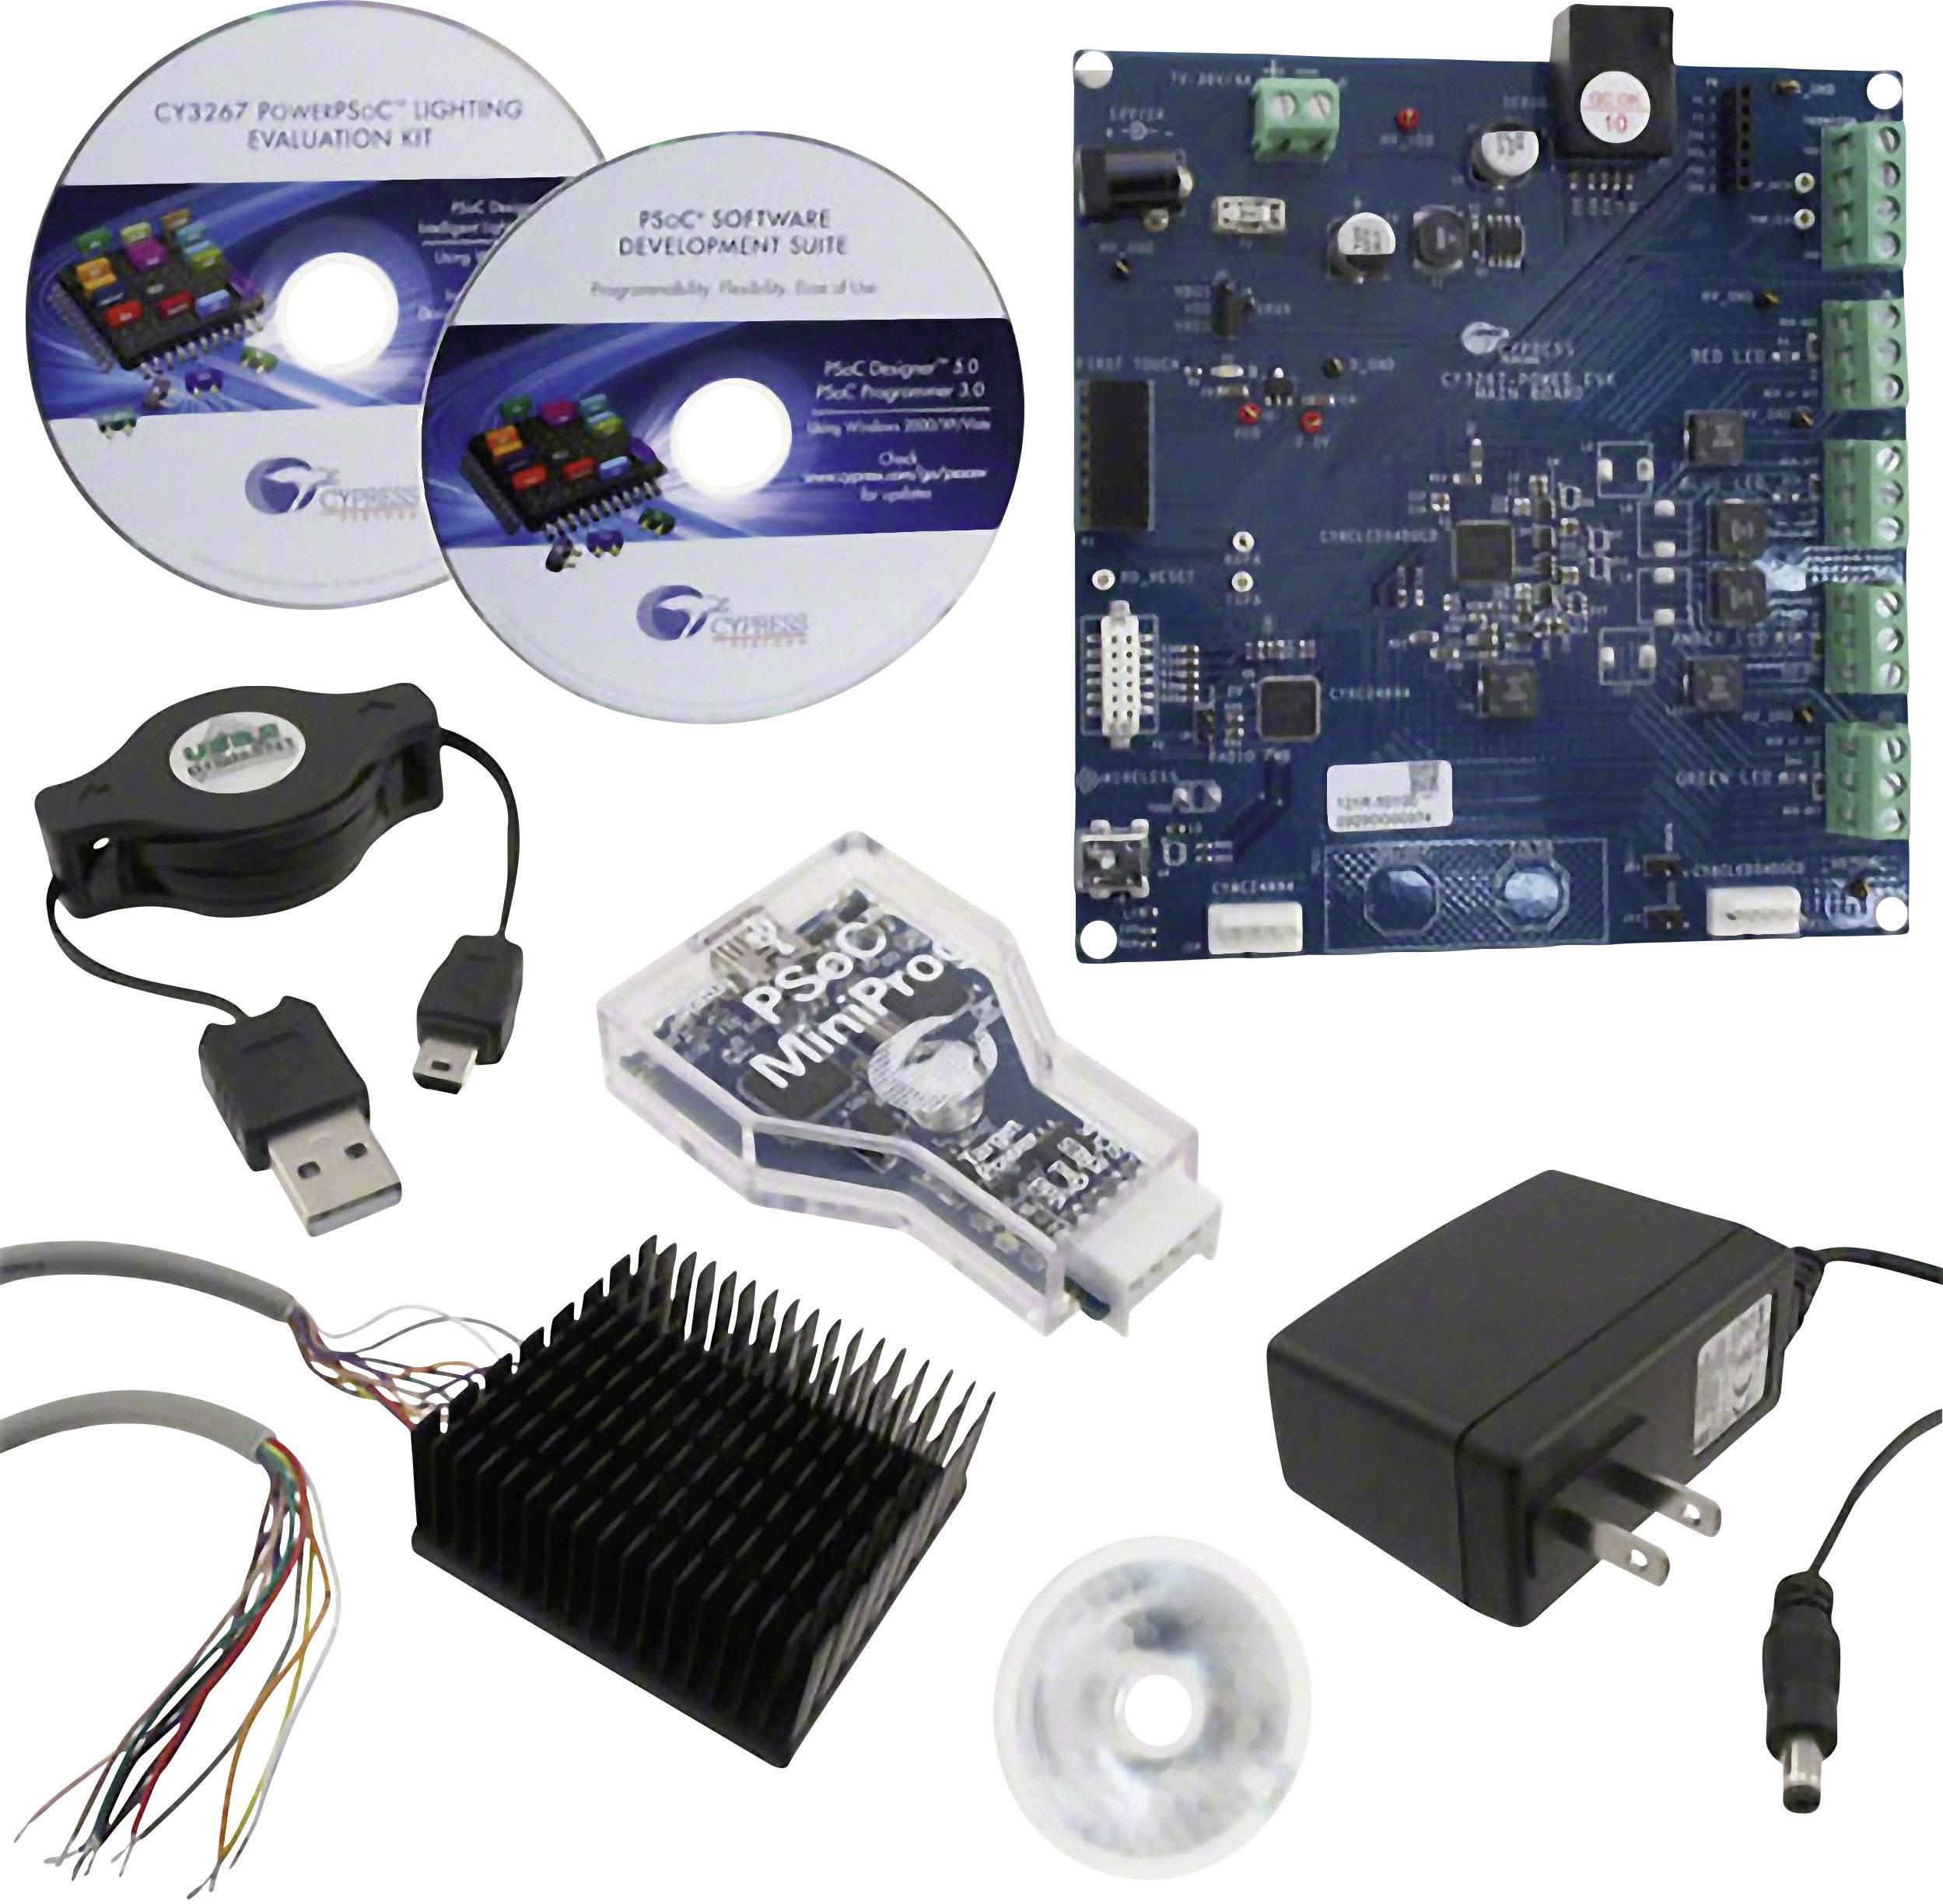 Vývojová doska Cypress Semiconductor CY3267